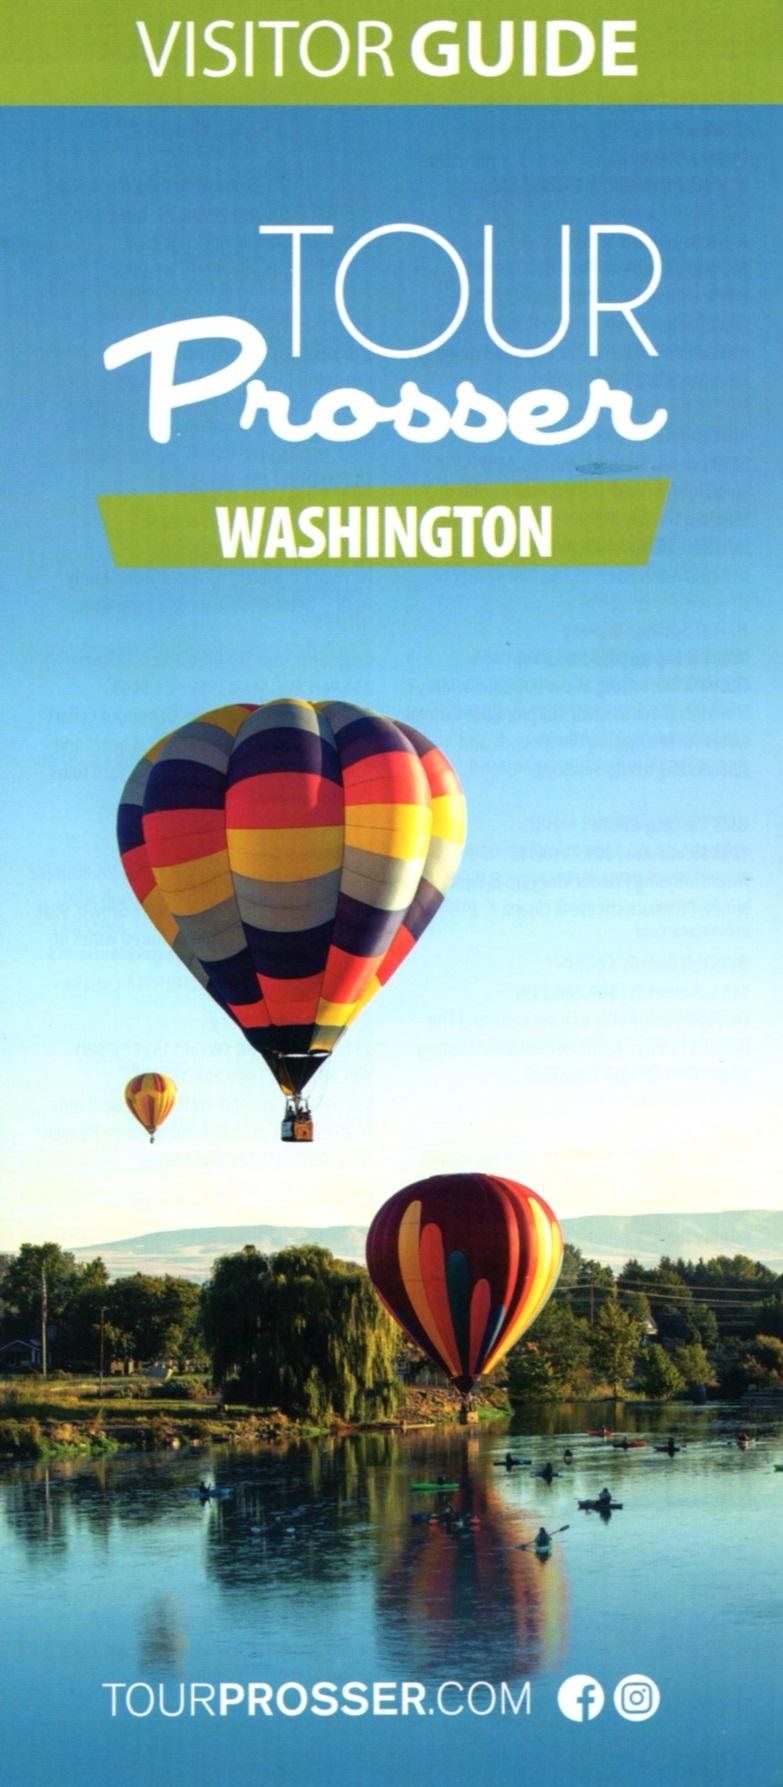 Visit Prosser